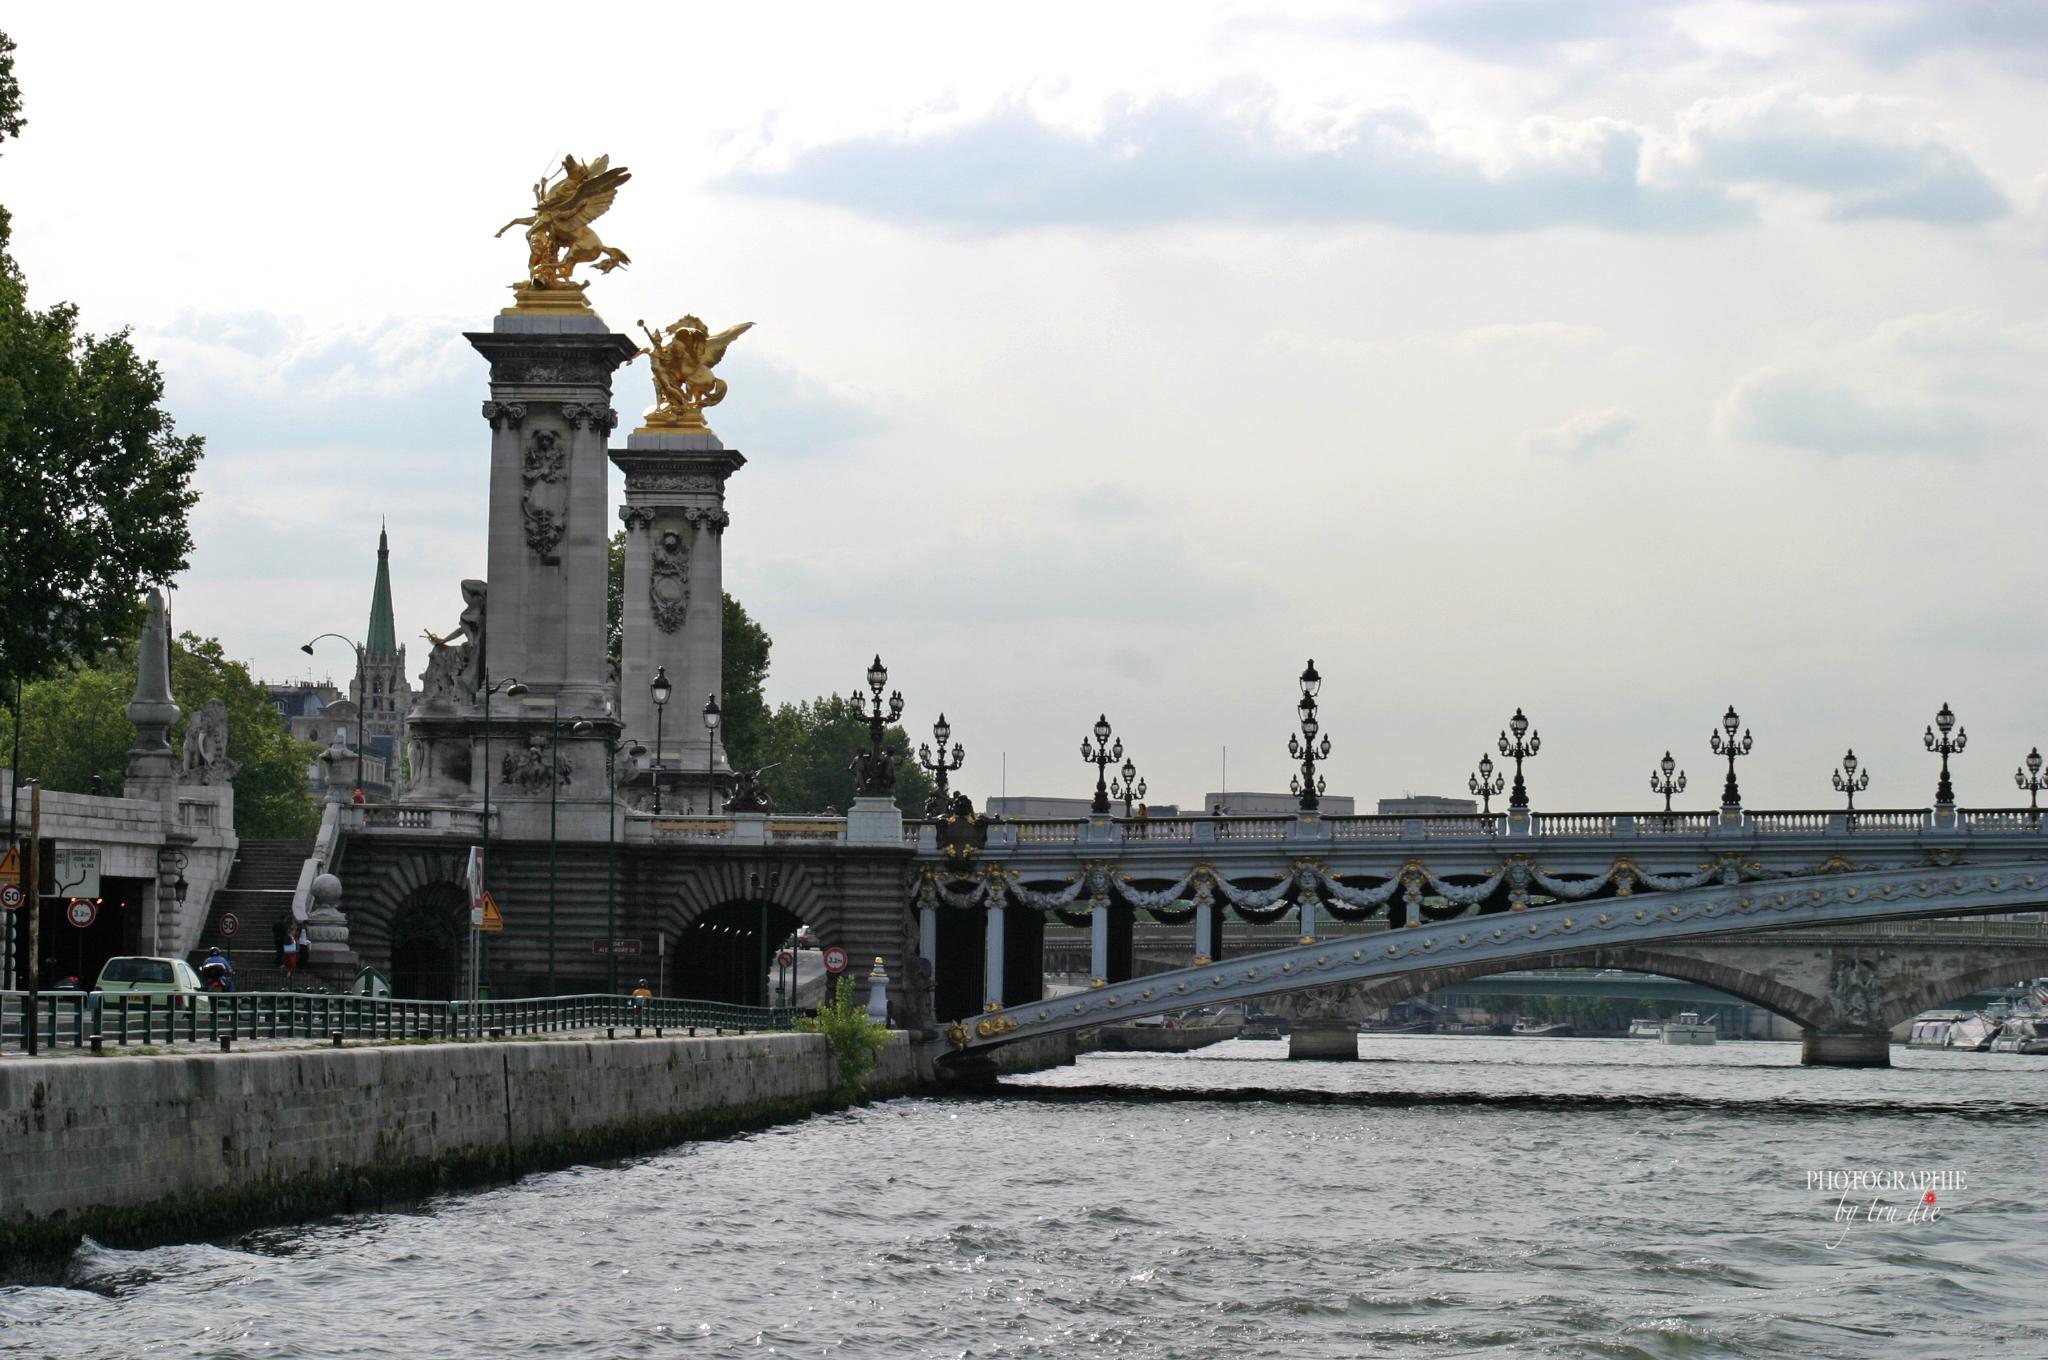 Bild: Pont Alexandré III in Paris